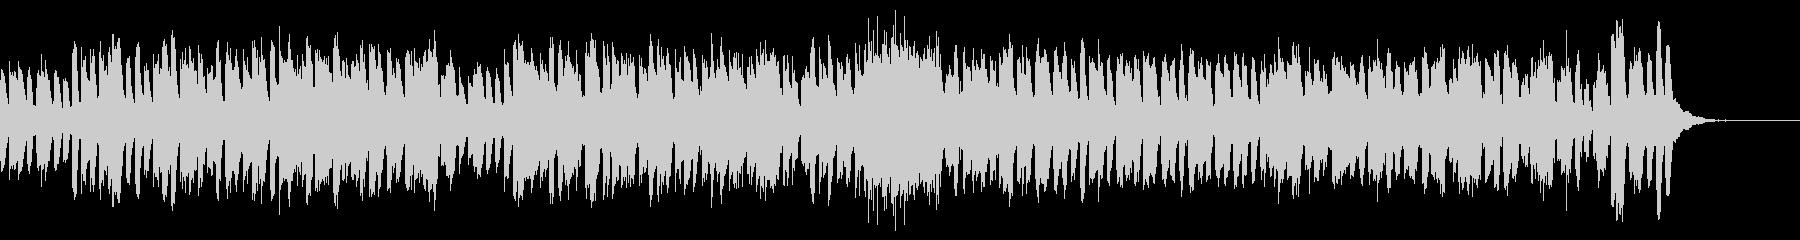 旋律が絡み合うピアノ曲の未再生の波形